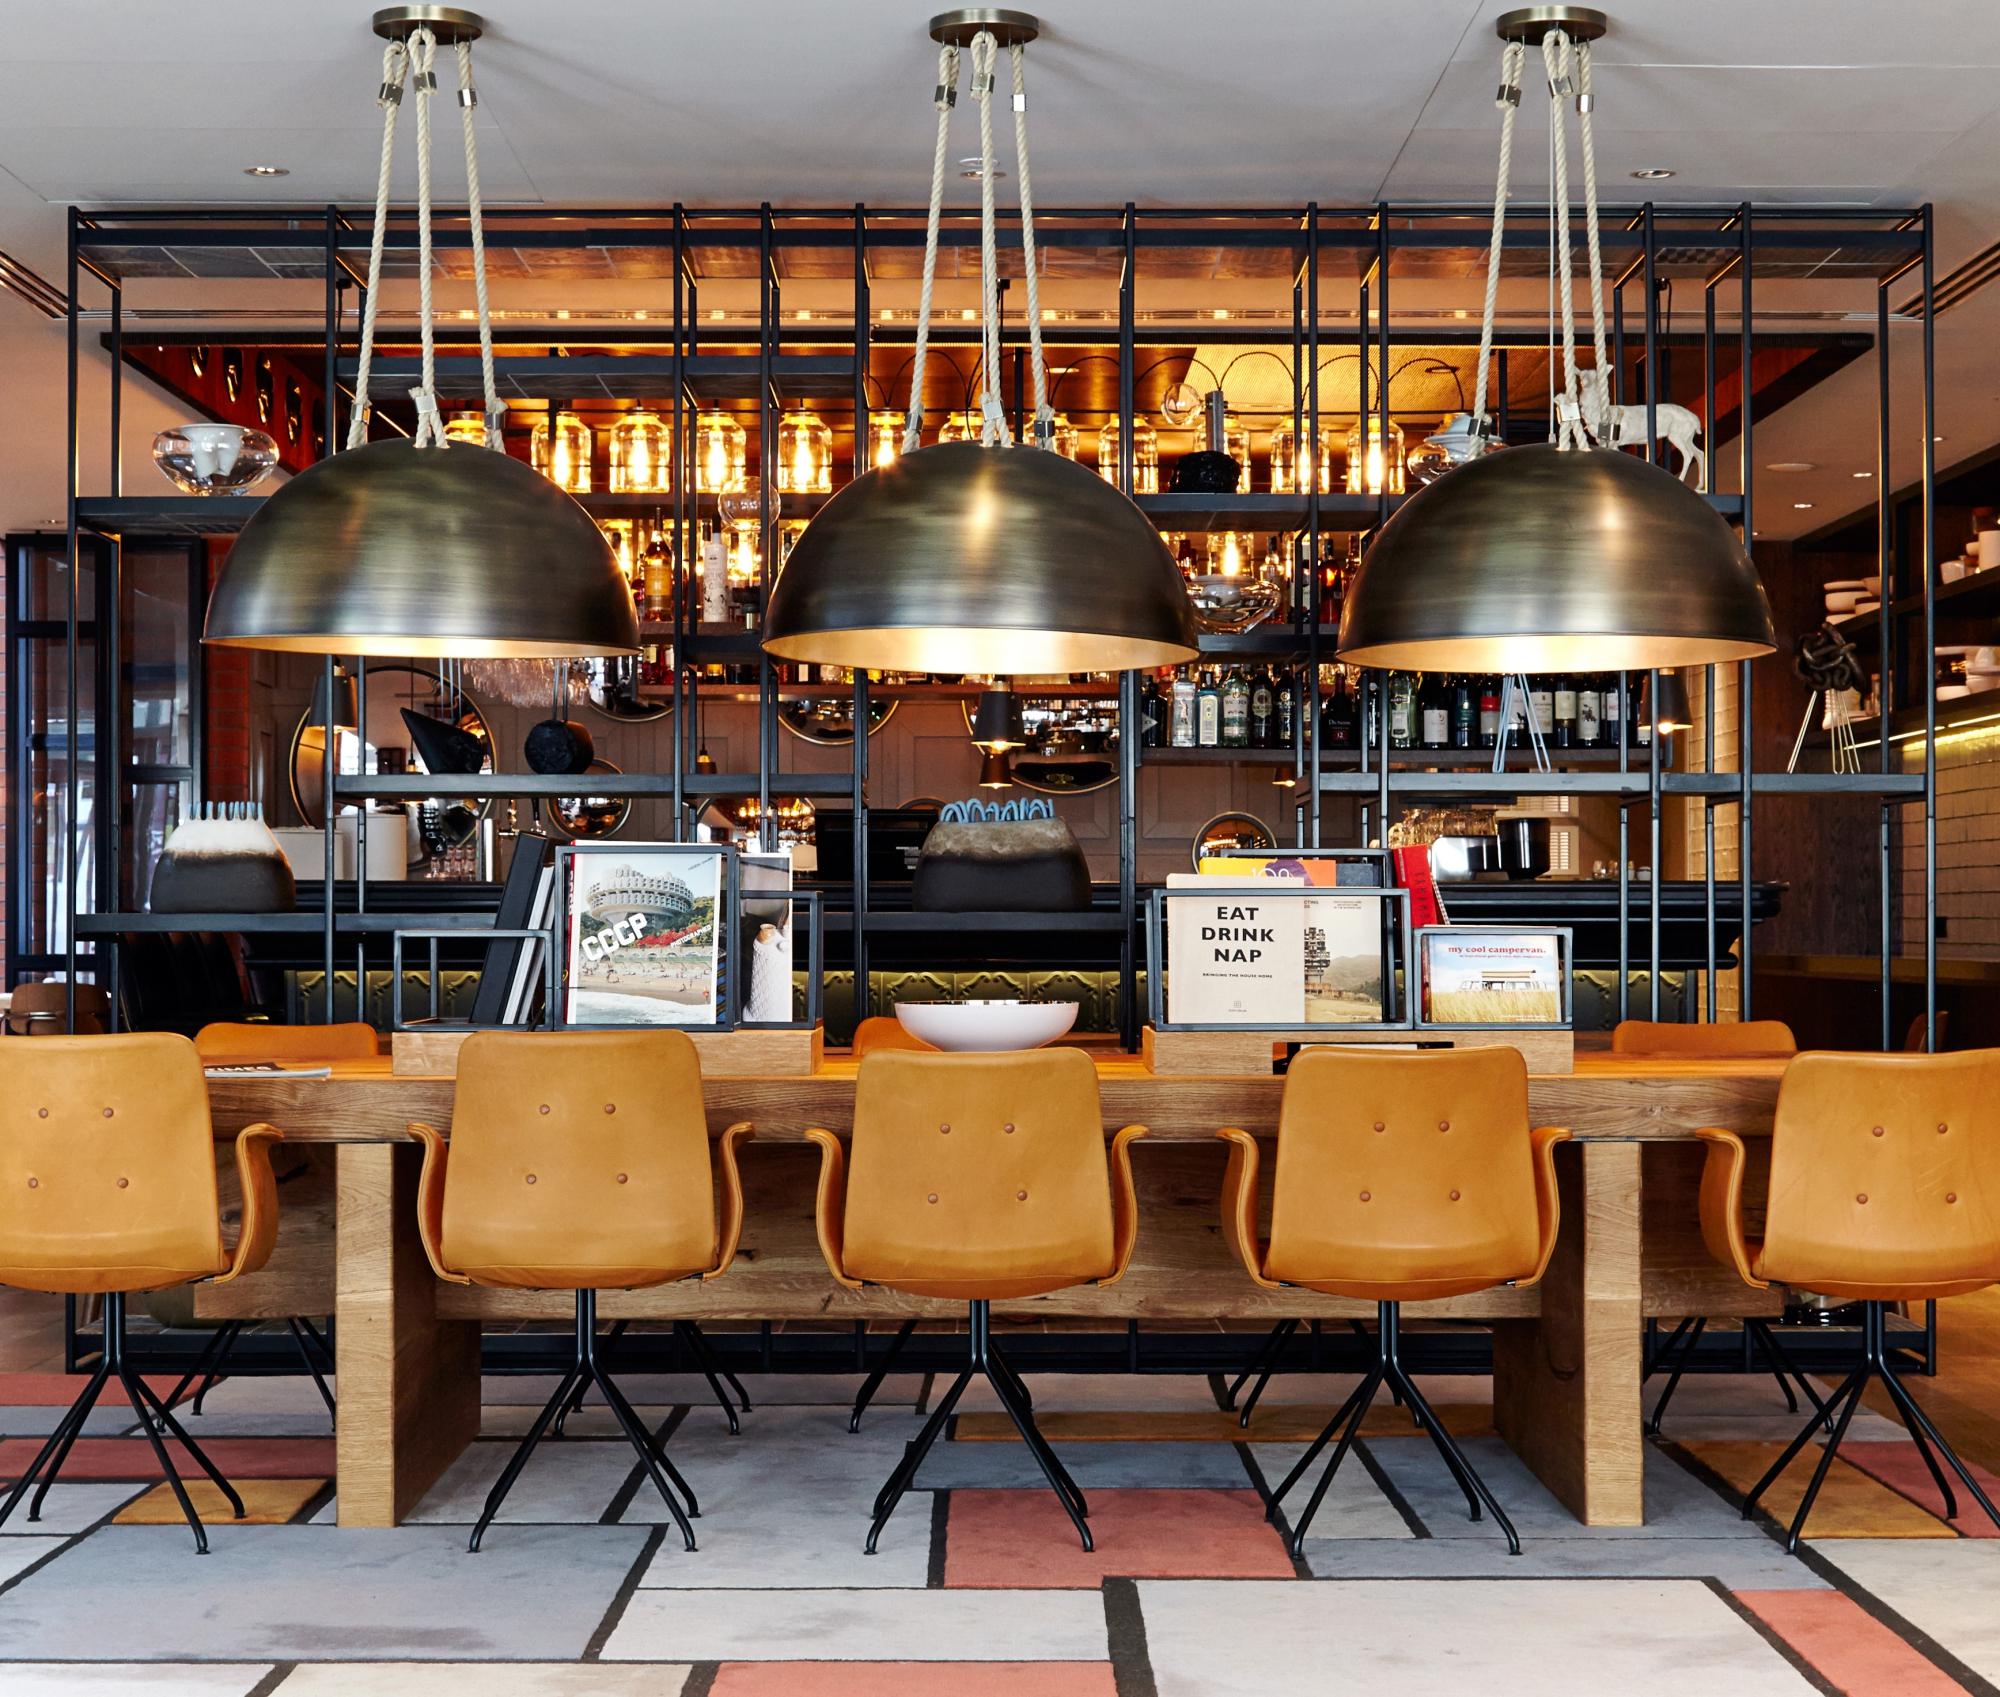 Hotel Puro Gdańsk: podróży do przyszłości